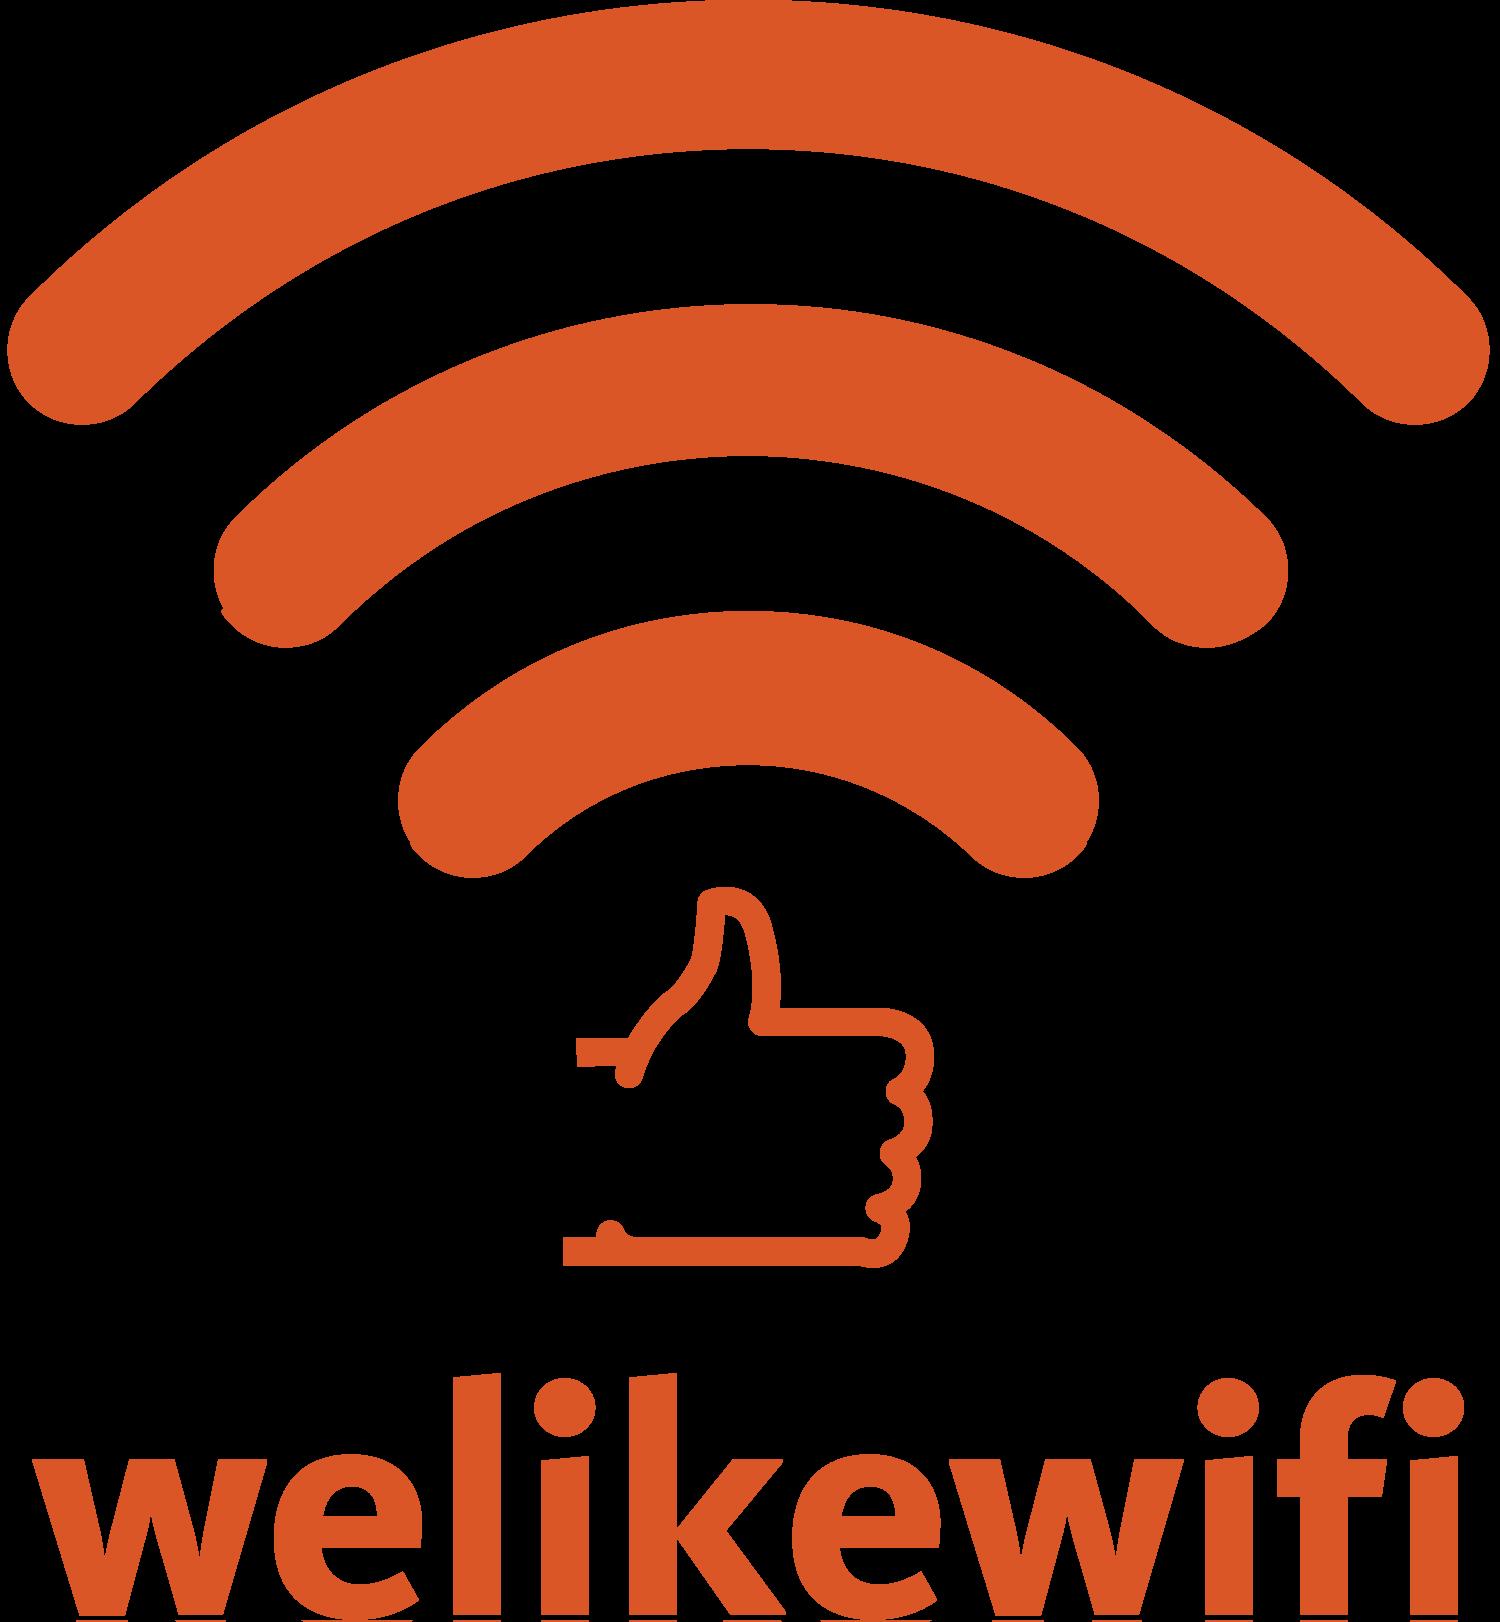 welikewifi